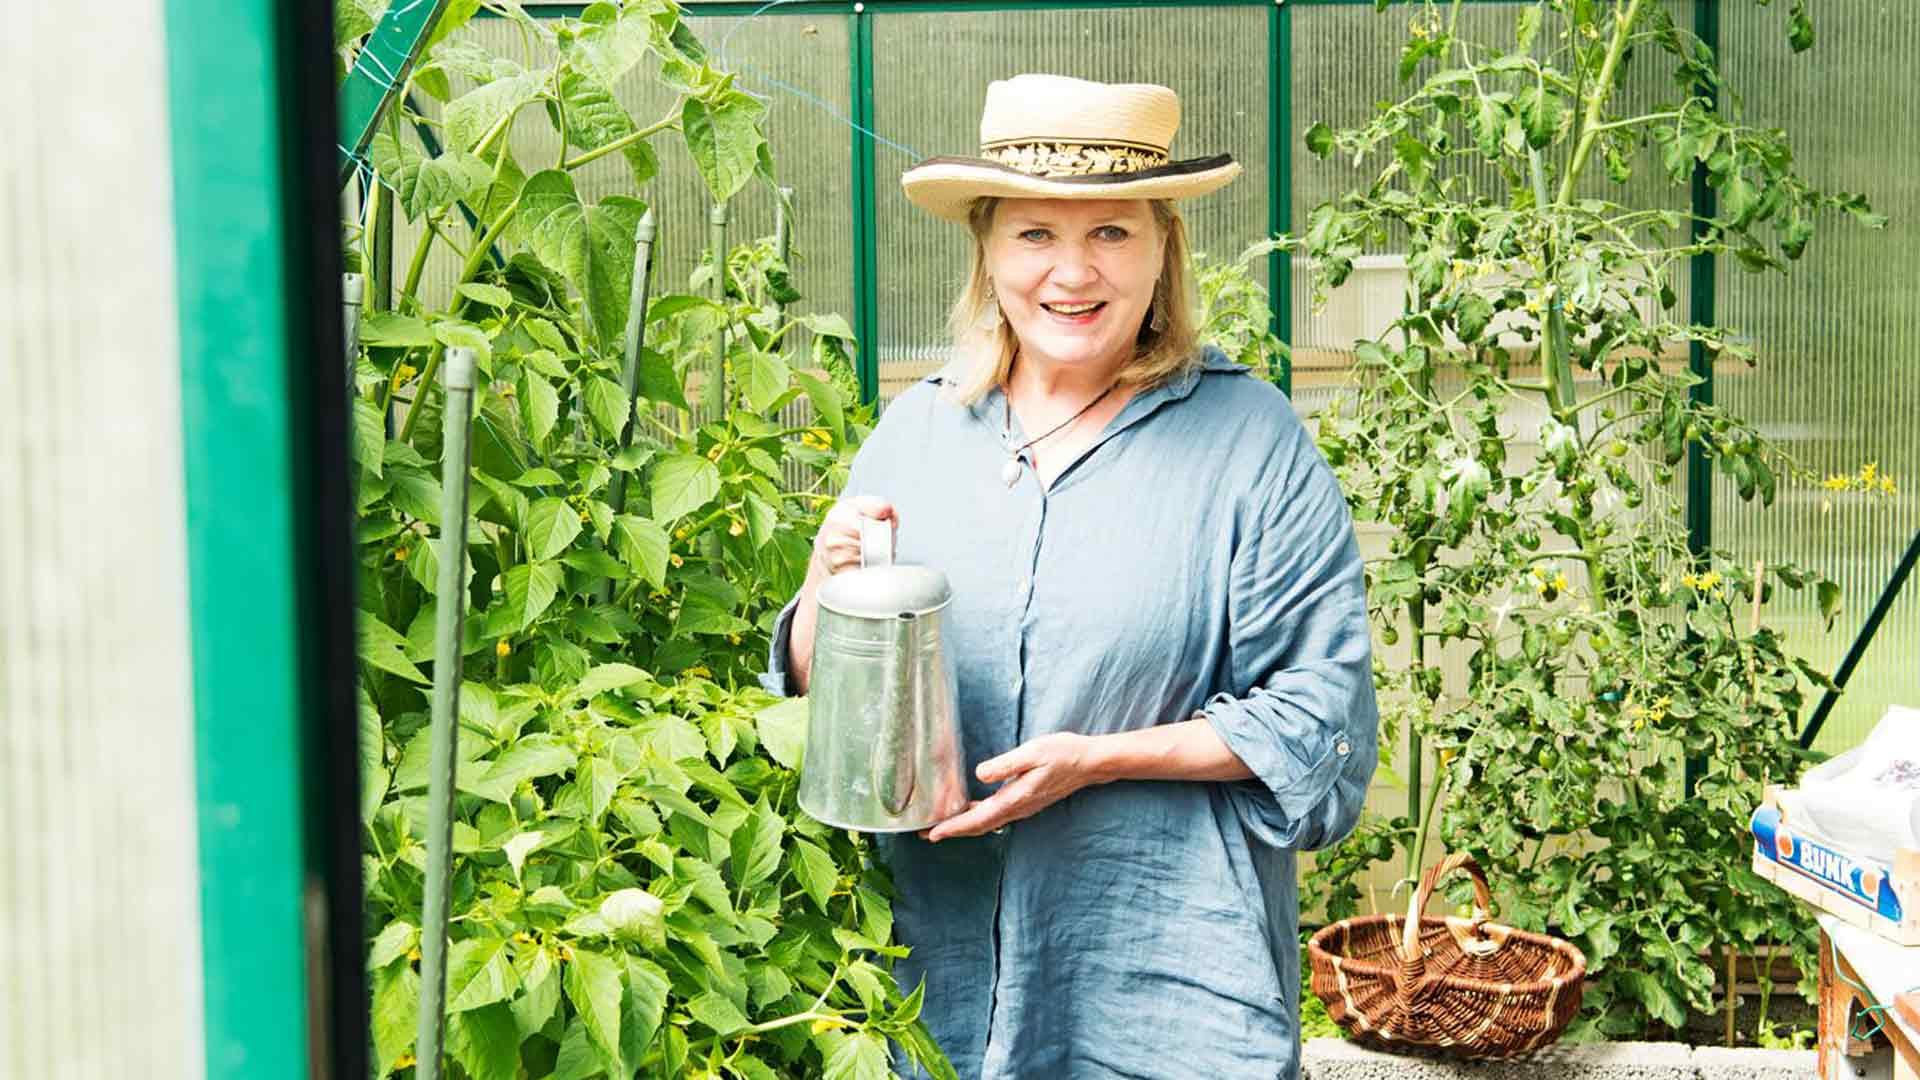 Sisko Hallavainio on onnellinen, kun saa puuhata puutarhassa sormet mullassa. Kasvihuoneessa kypsyy runsas sato.